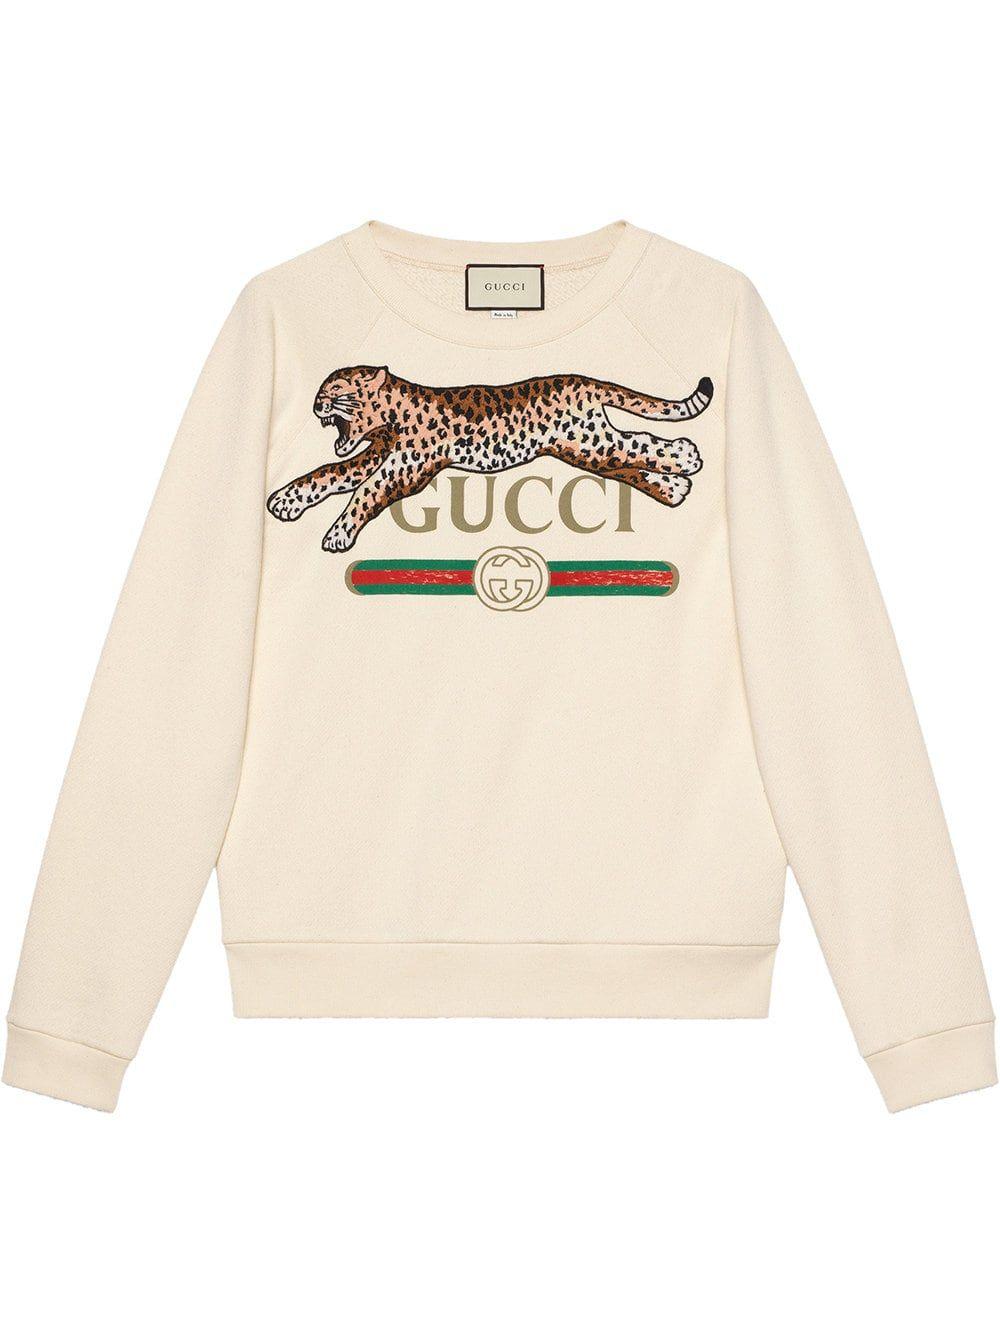 80d7e28fe Shop GUCCI Appliquéd Logo-Print Loopback Cotton-Jersey Sweatshirt ...